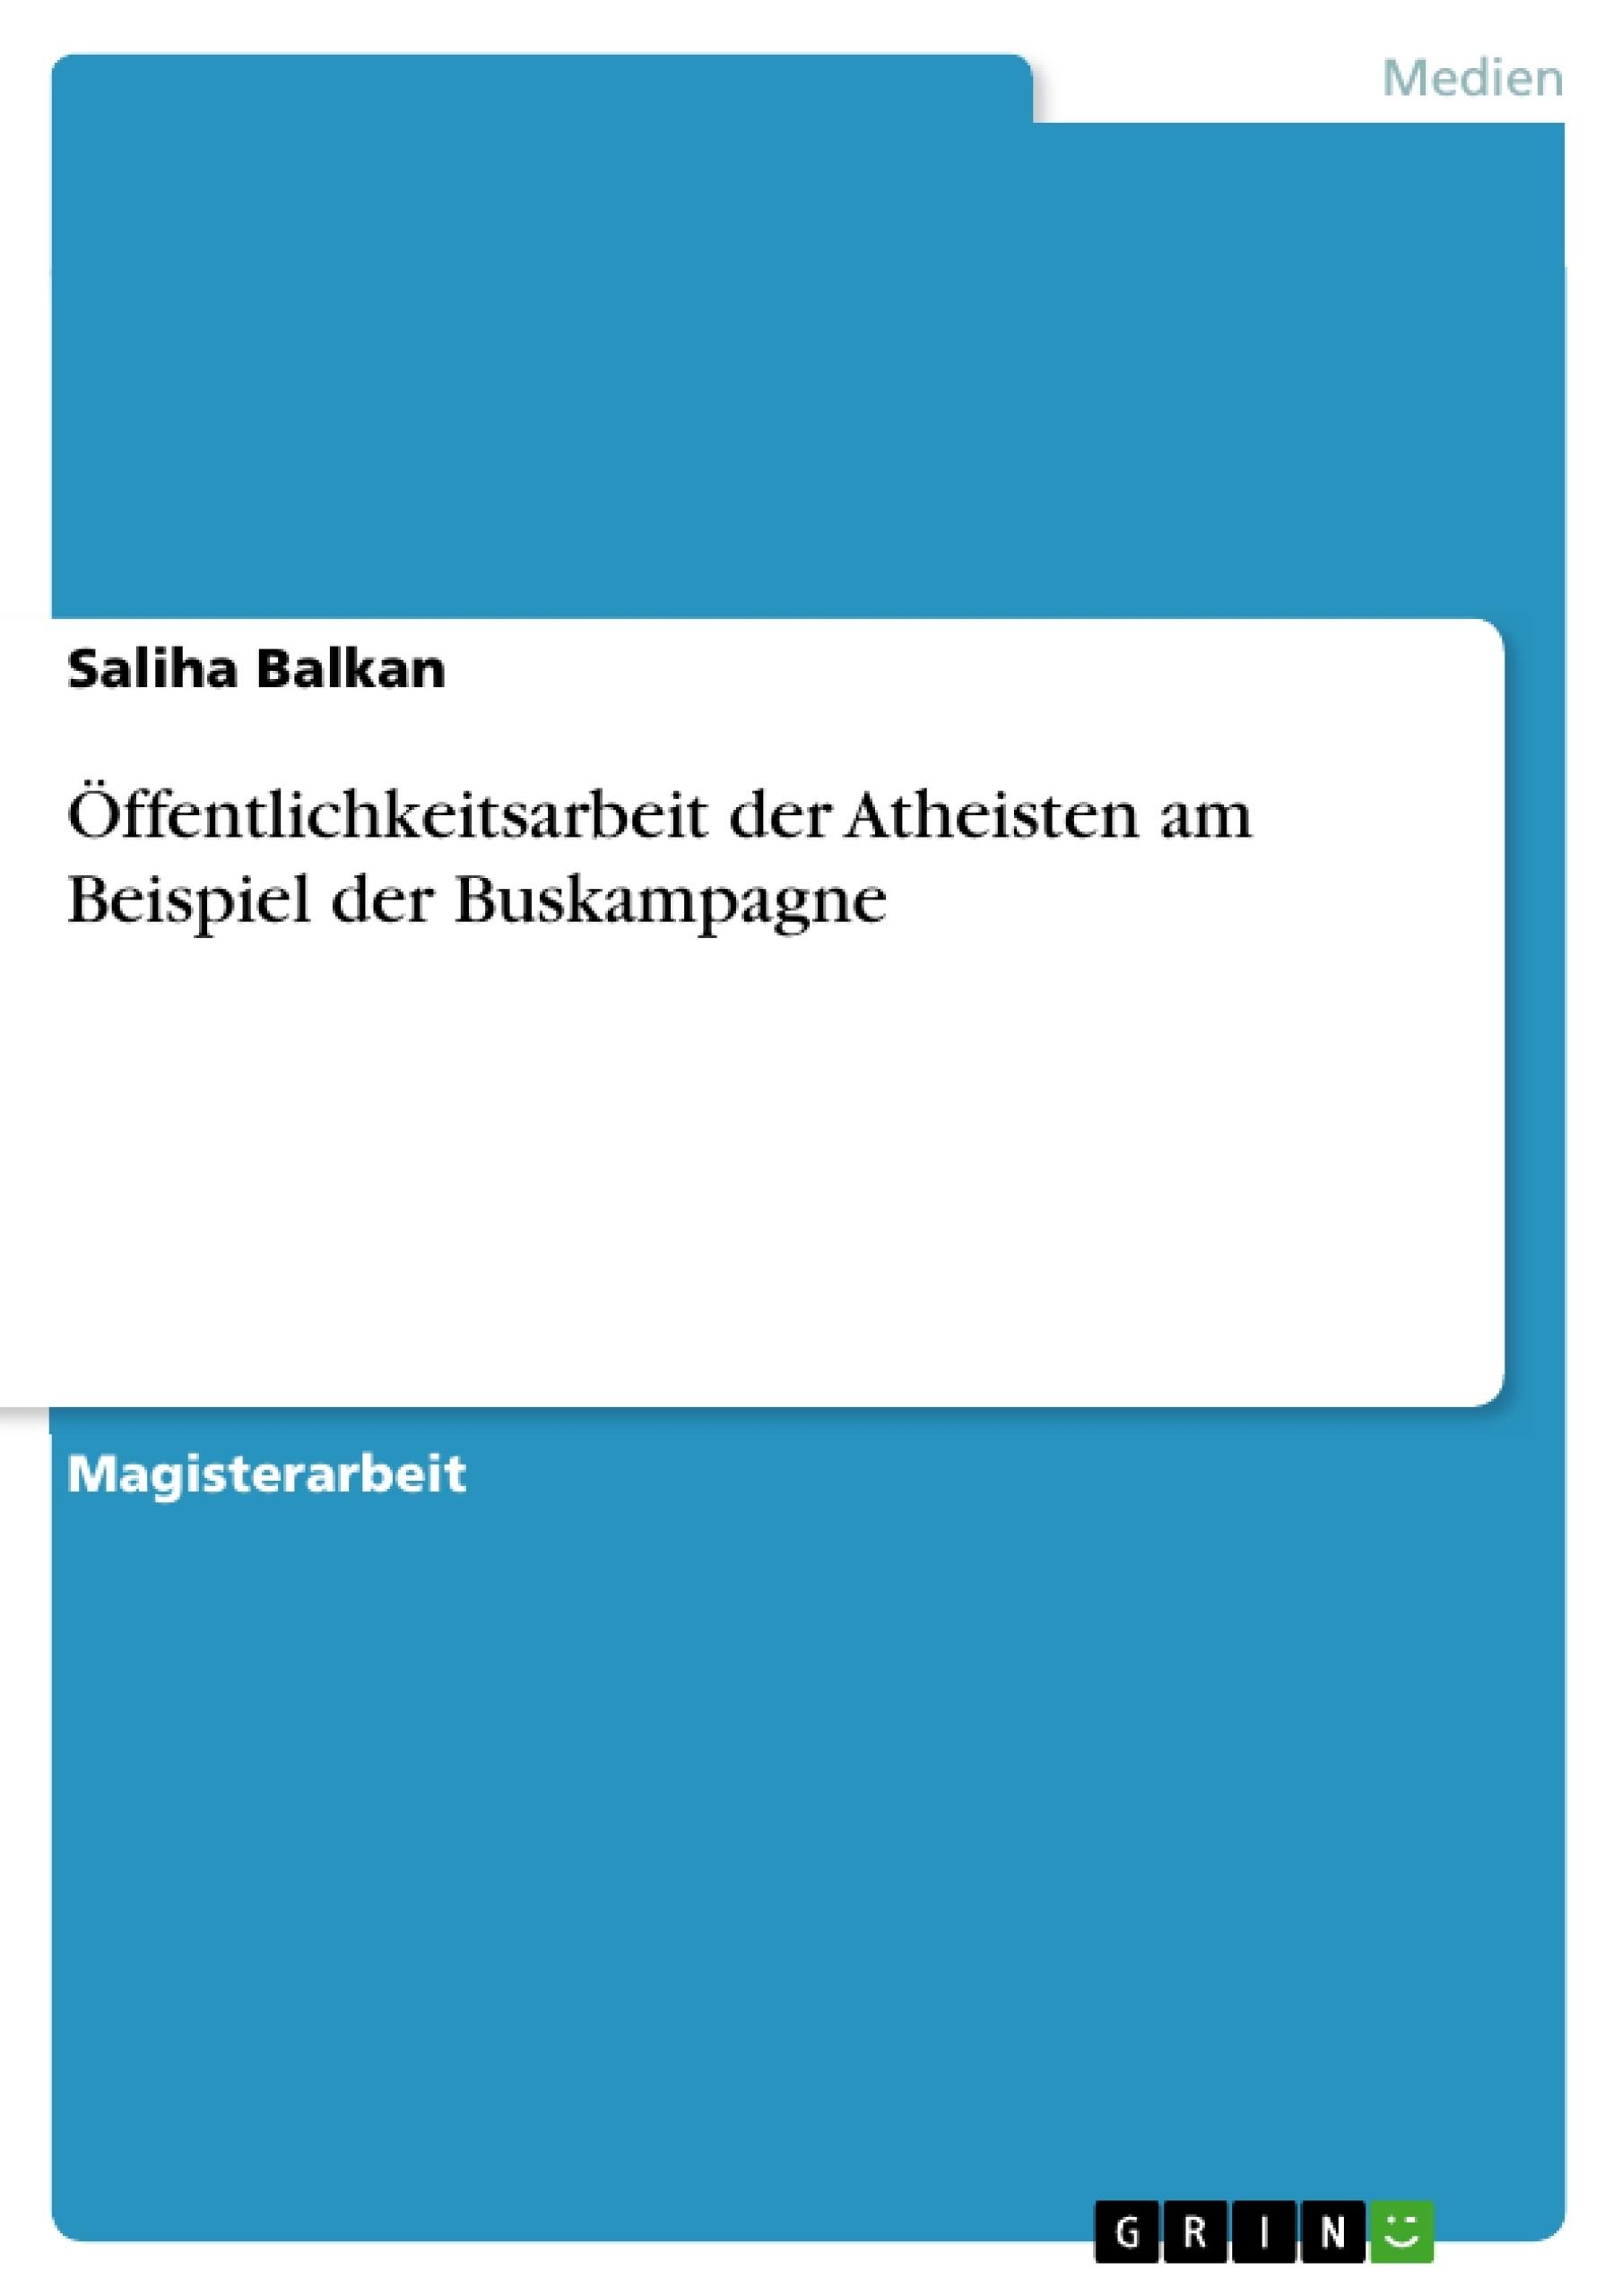 Titel: Öffentlichkeitsarbeit der Atheisten am Beispiel der Buskampagne